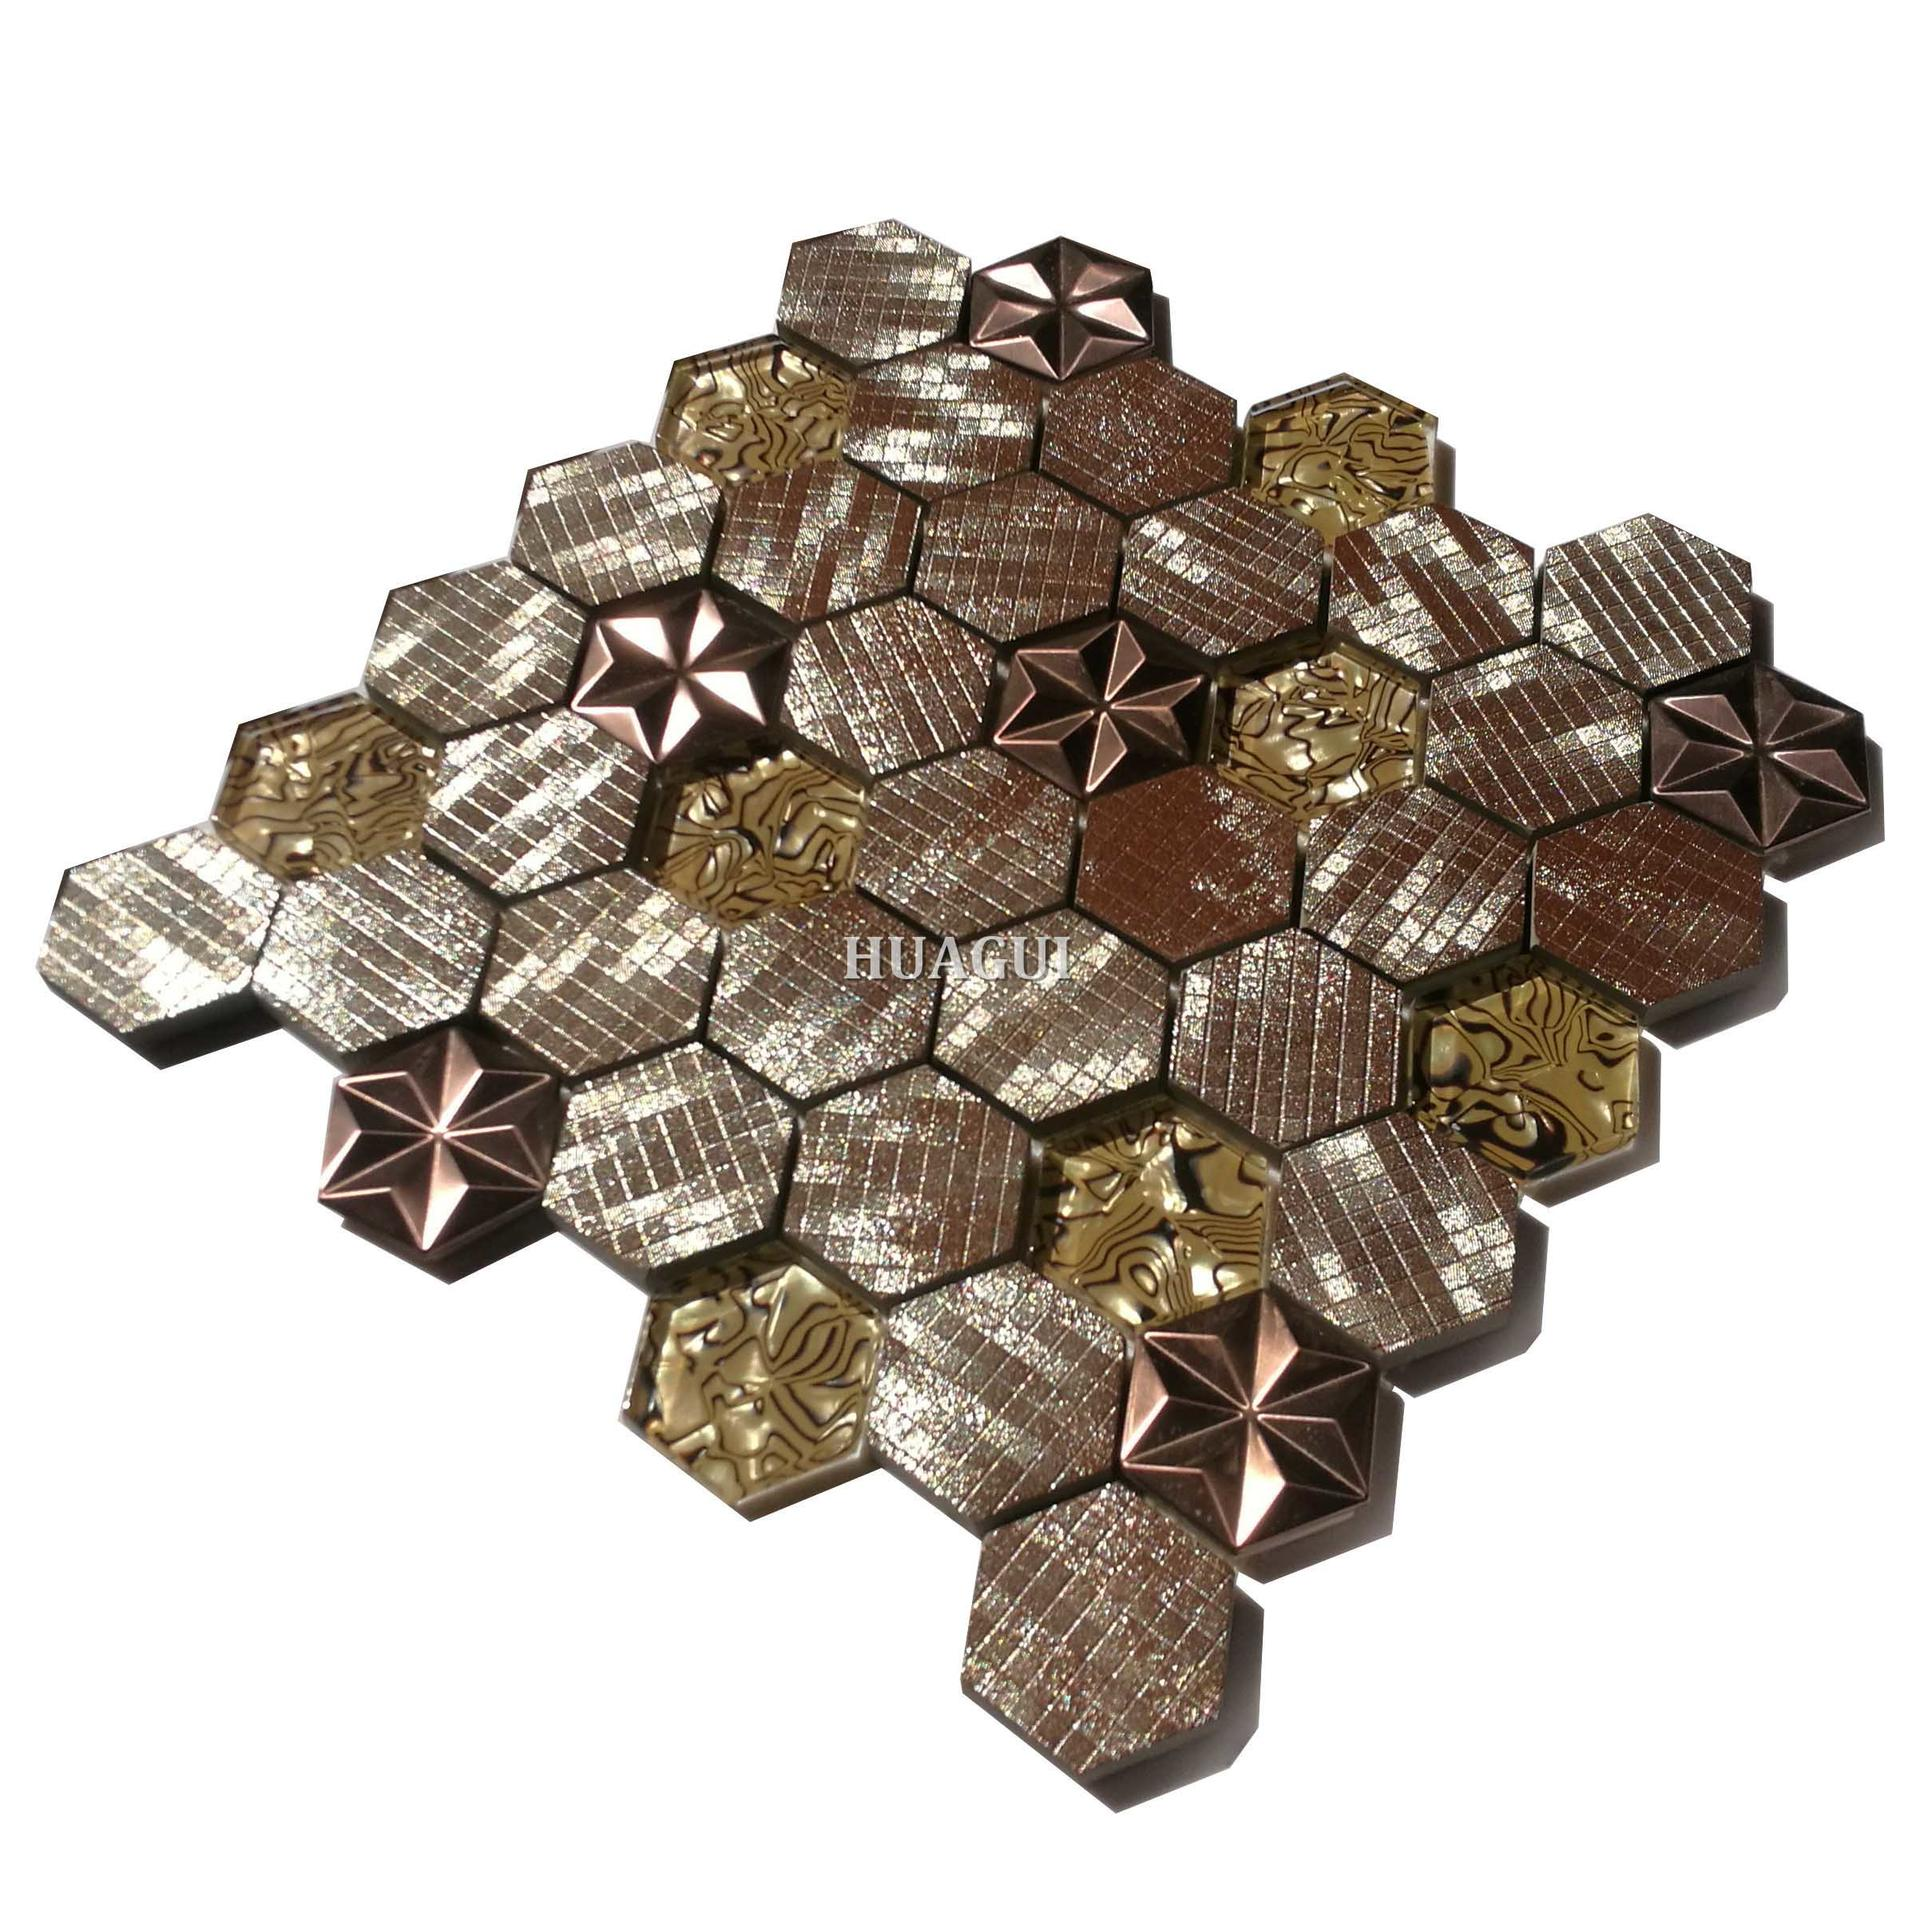 2019 unique backsplash ideas pictures of art hexagon tile